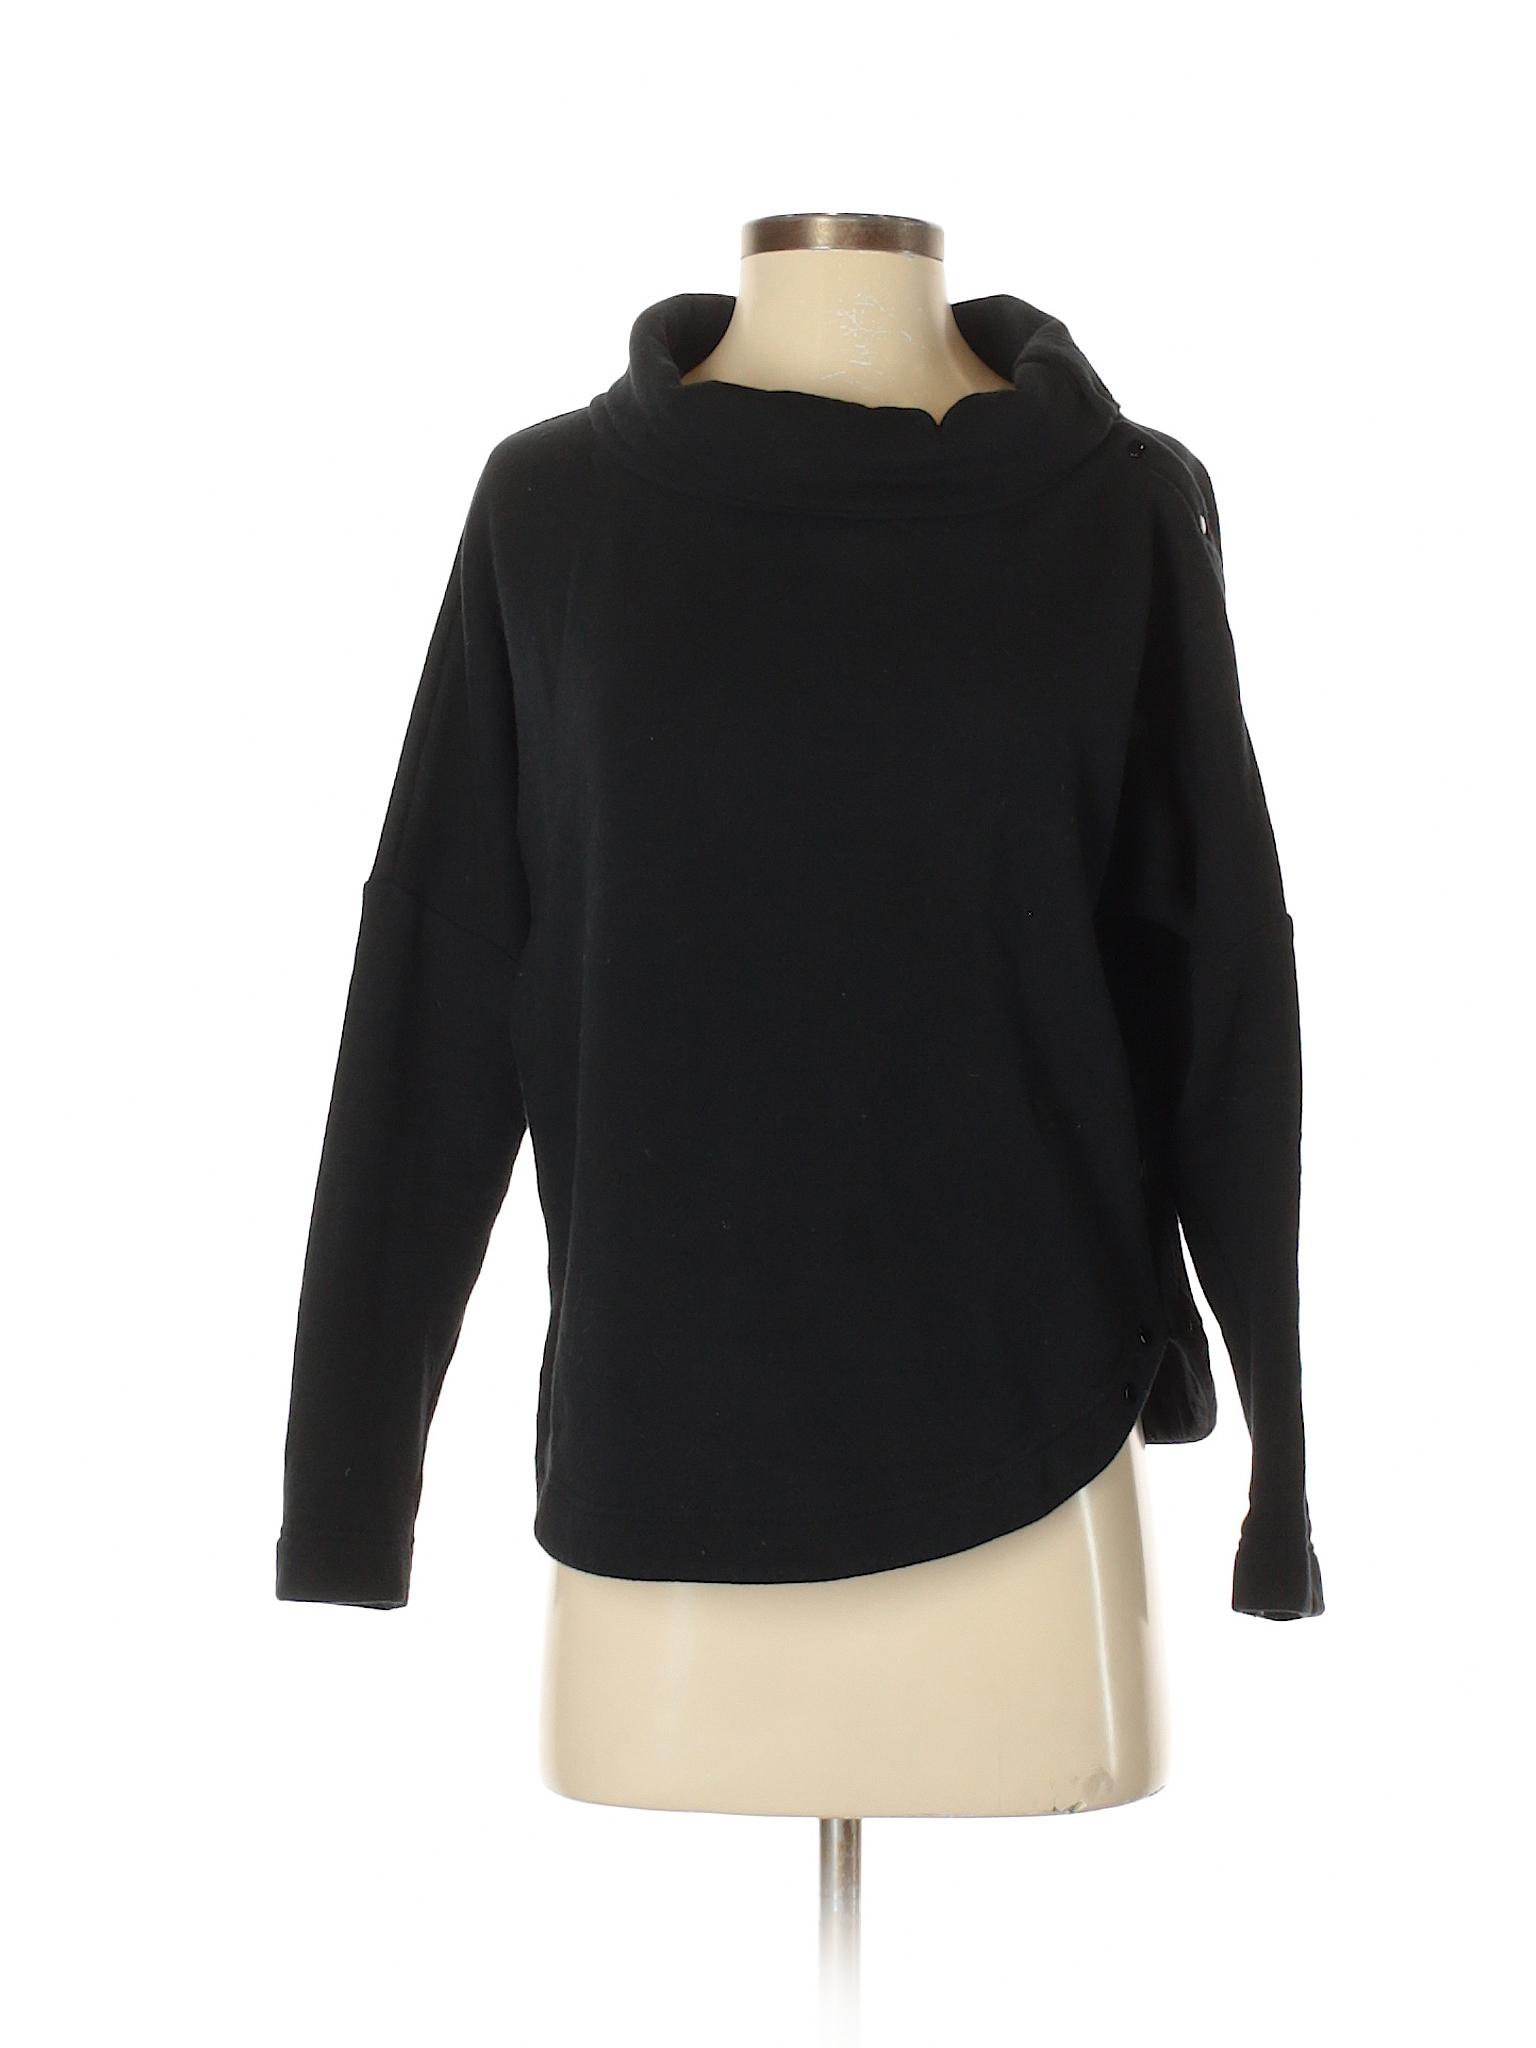 Pullover Boutique Fabletics Fabletics Sweater Boutique 0fqFY